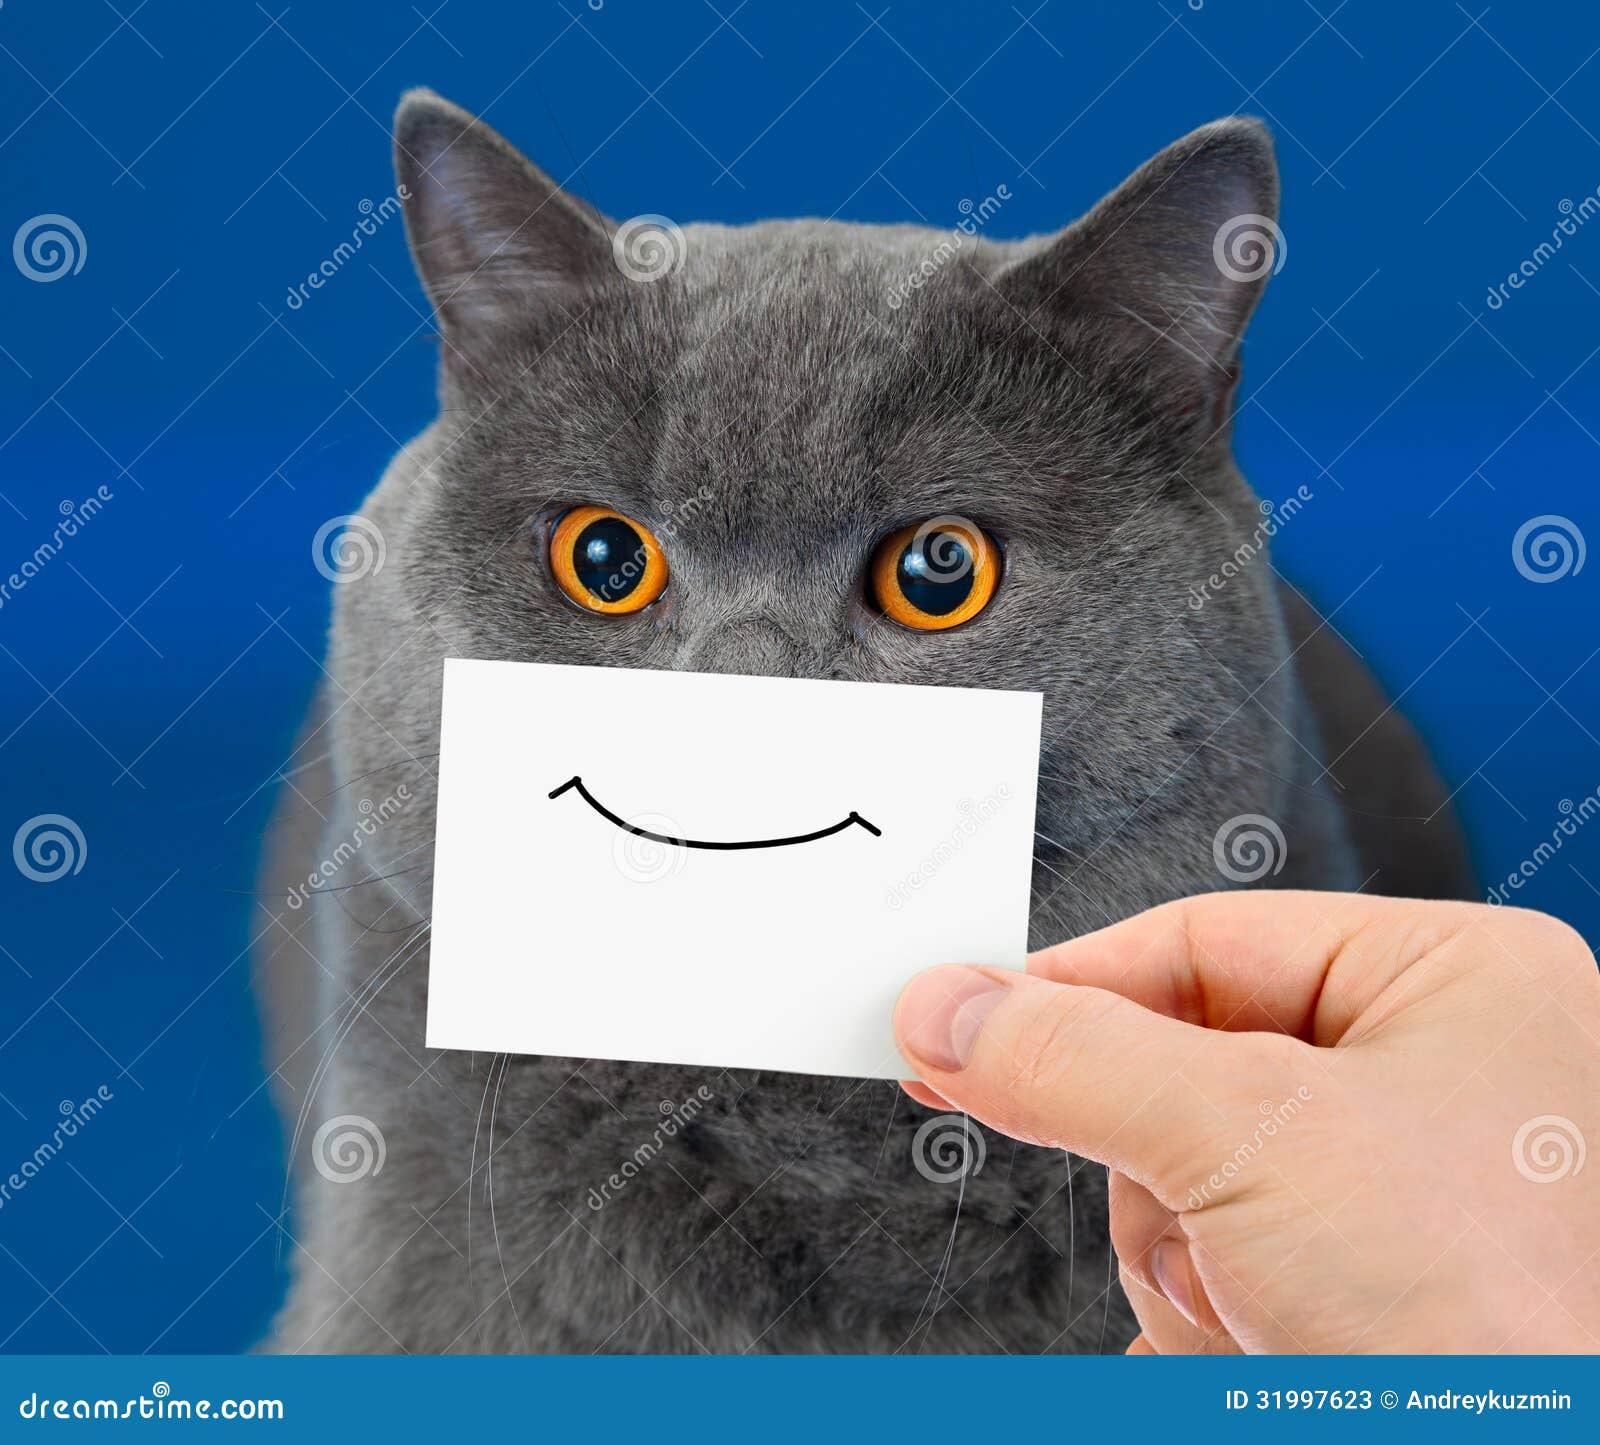 Retrato divertido del gato con sonrisa